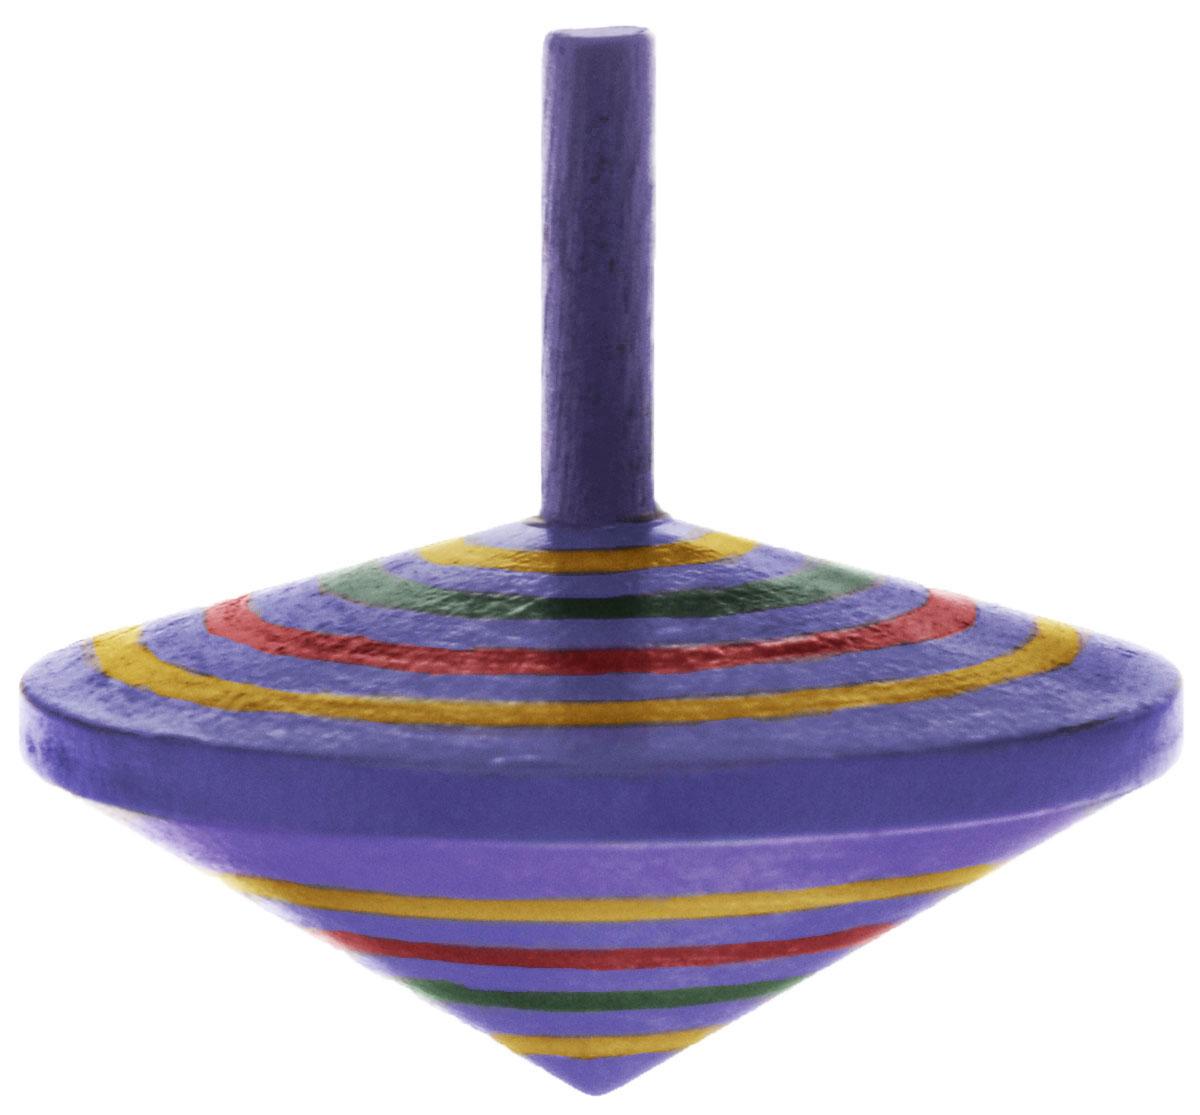 Mapacha Волчок Спиралька цвет фиолетовый76417_фиолетовыйВолчок Спиралька динамическая игрушка, которая знакомит ребенка с физическими понятиями равновесия и движения. Выполнена из качественной древесины. У него тонкая удобная ручка и небольшой вес. Играя с волчком, ребенок развивает внимательность, учится правильно рассчитывать силу и точность движения пальцев и кисти.